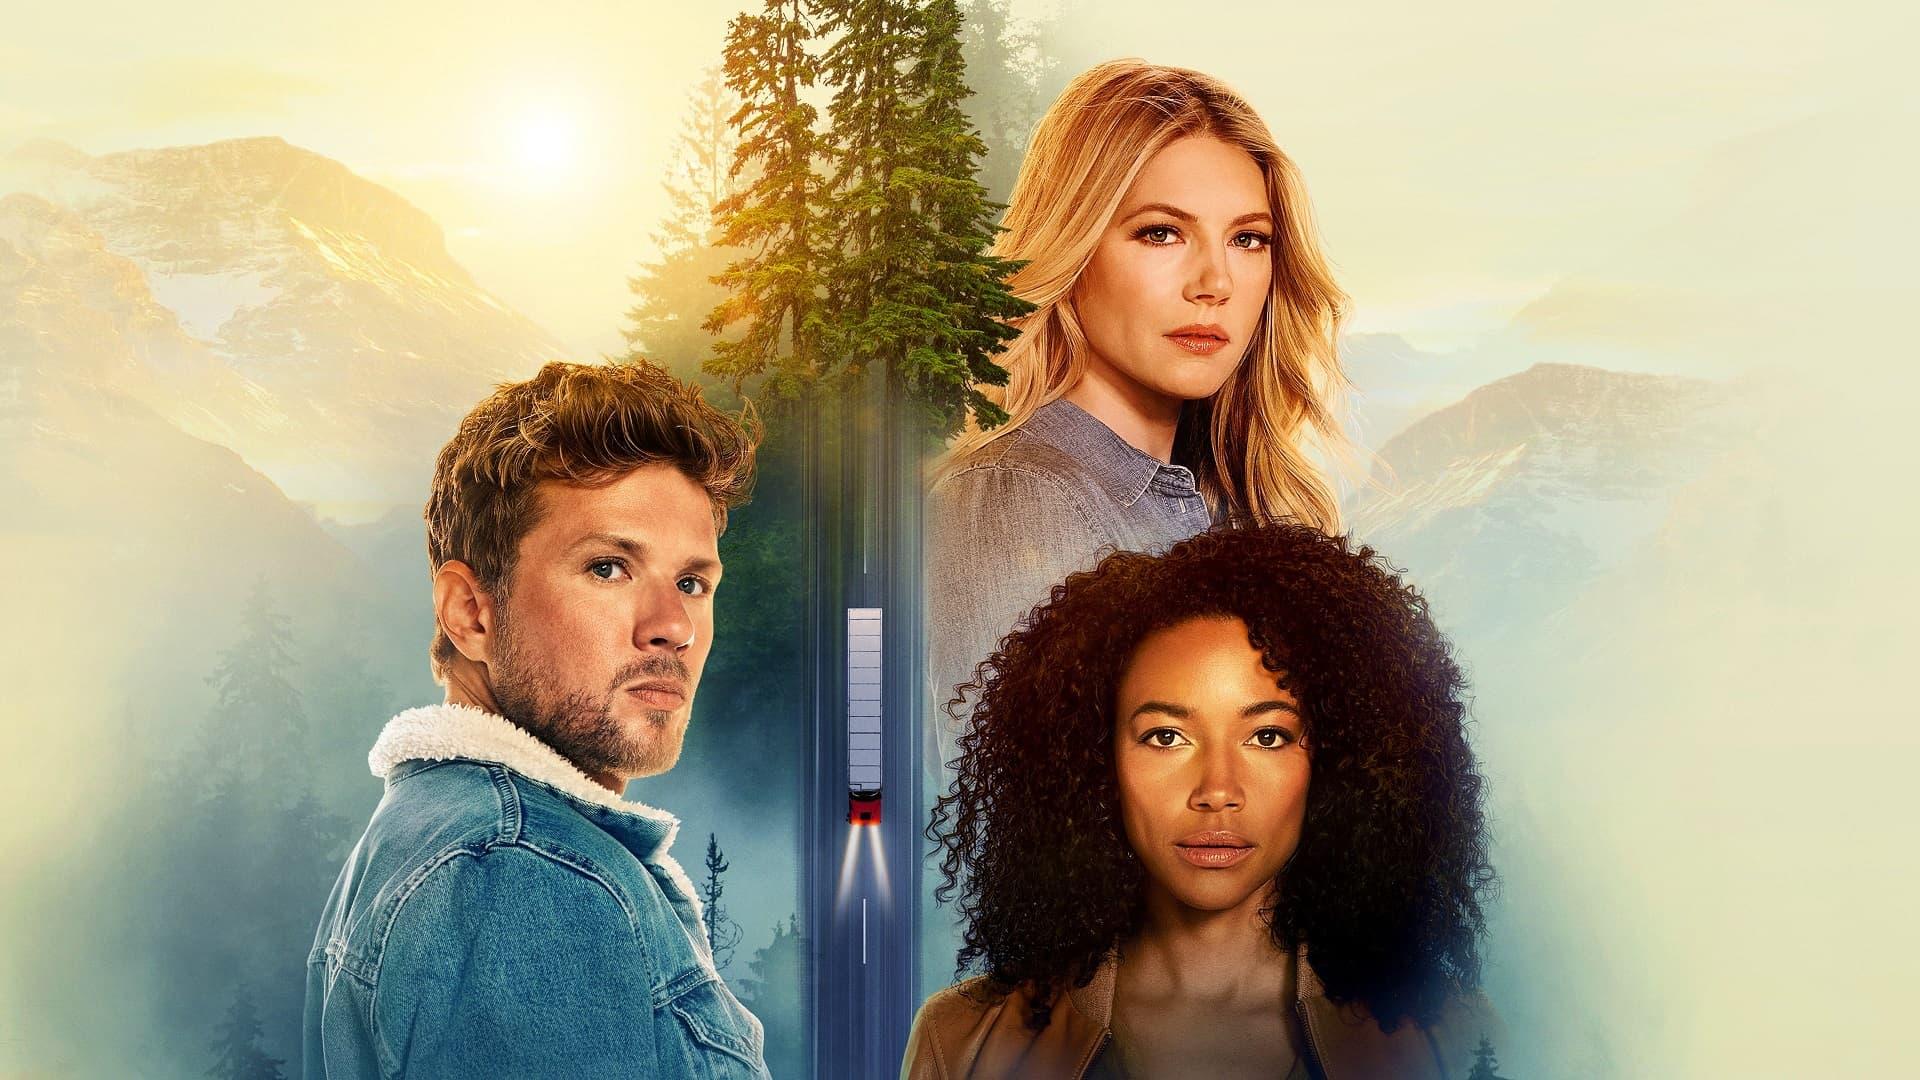 Las series estreno para ver en Star Plus. Además, precios y dispositivos